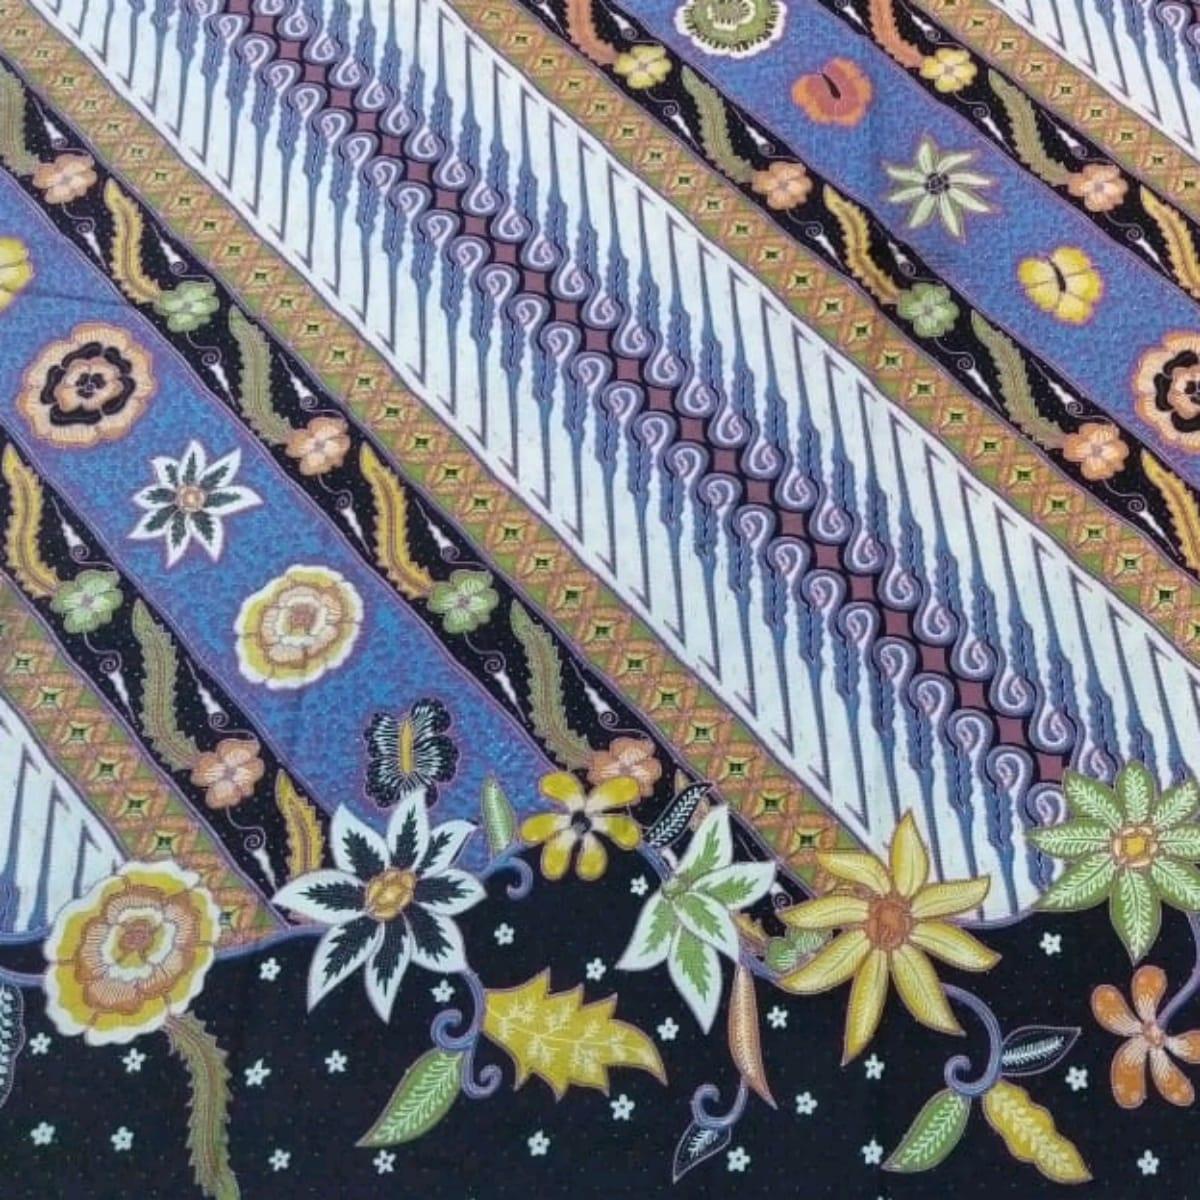 Kain Batik Printing Murah dan Berkualitas